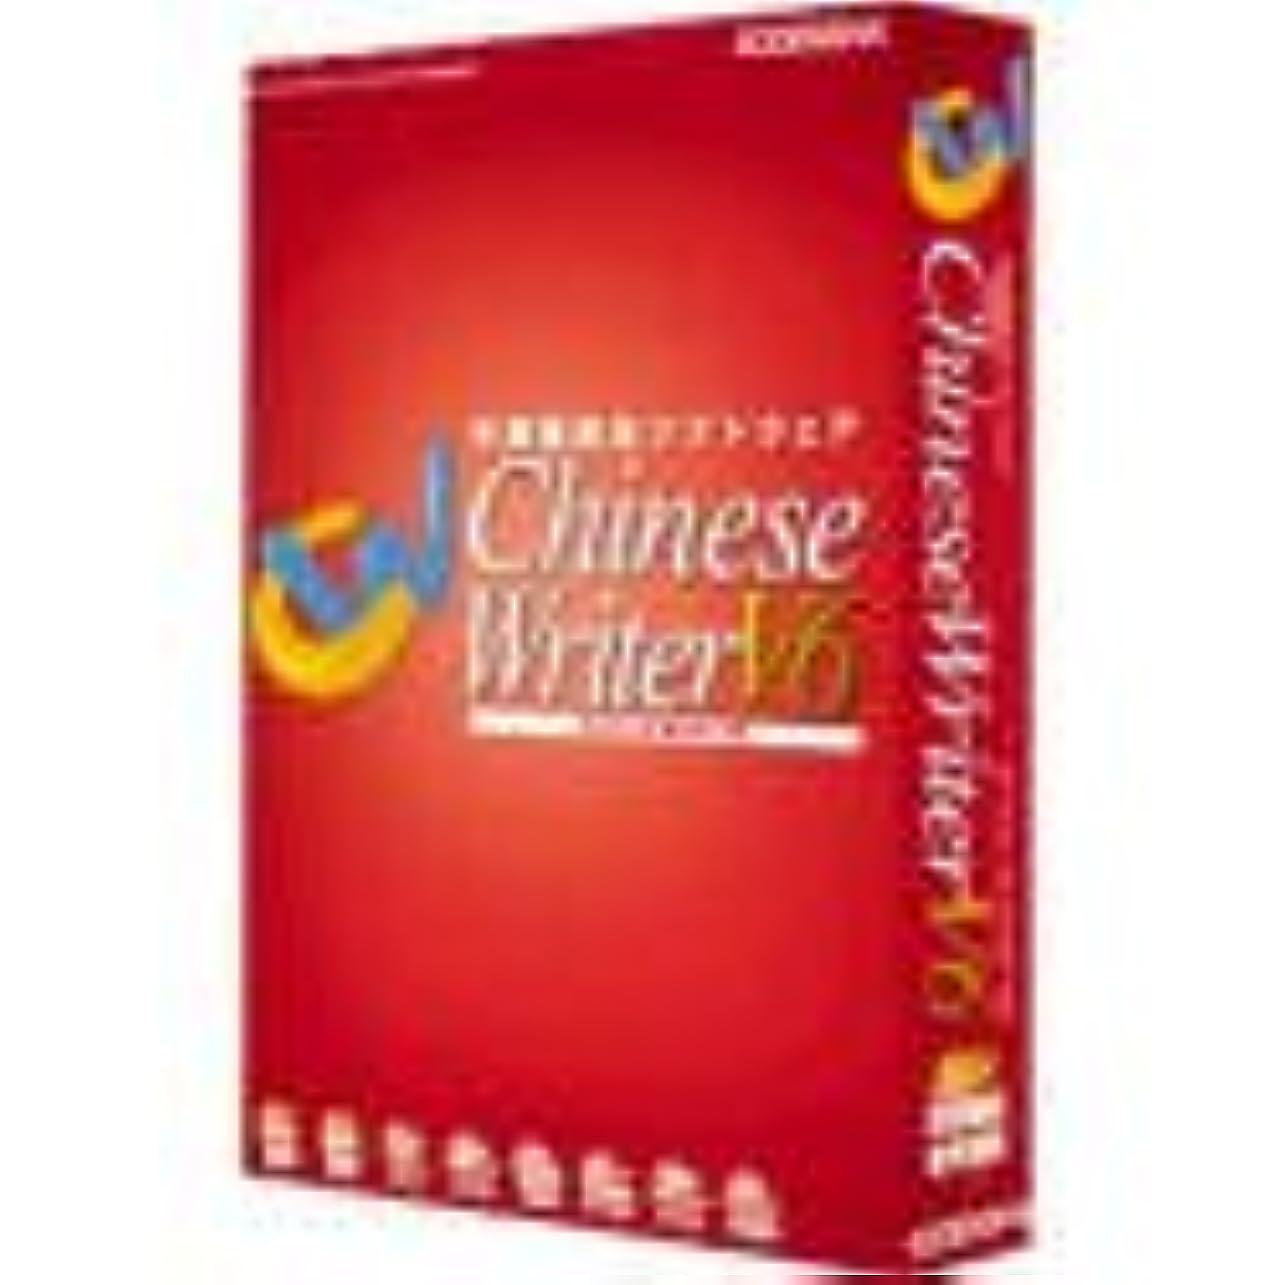 素子作動する一時解雇するChinese Writer V6